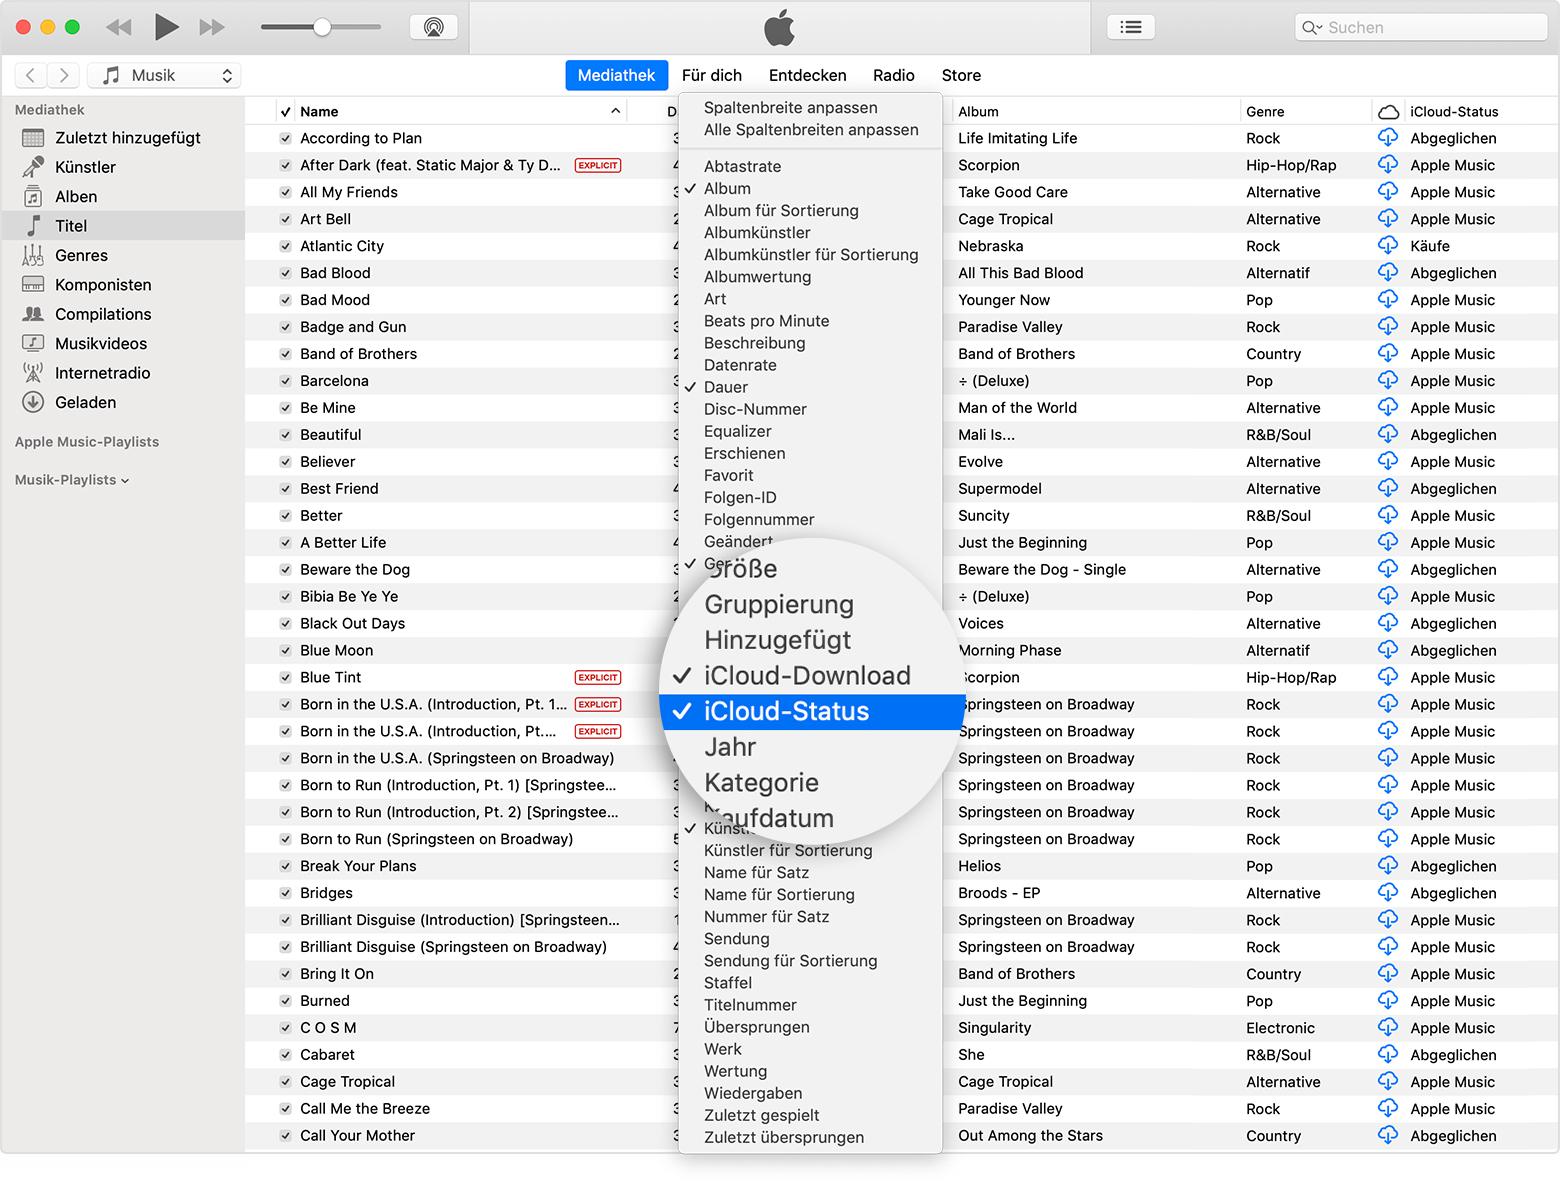 Informationen zu den Symbolen und zum Status der iCloud